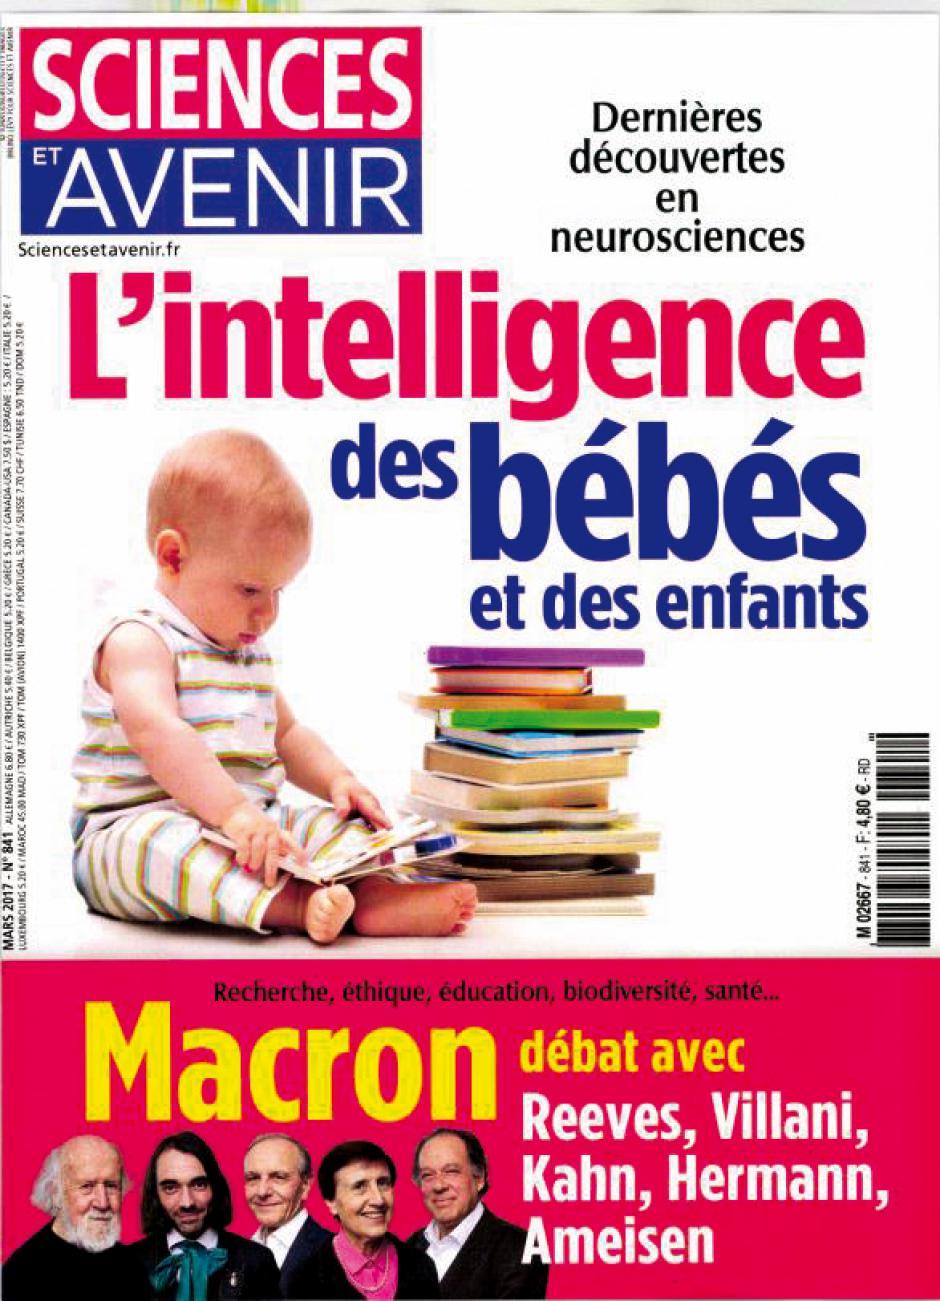 Sciences et avenir se met en quatre pour... Emmanuel Macron, Par Acrimed